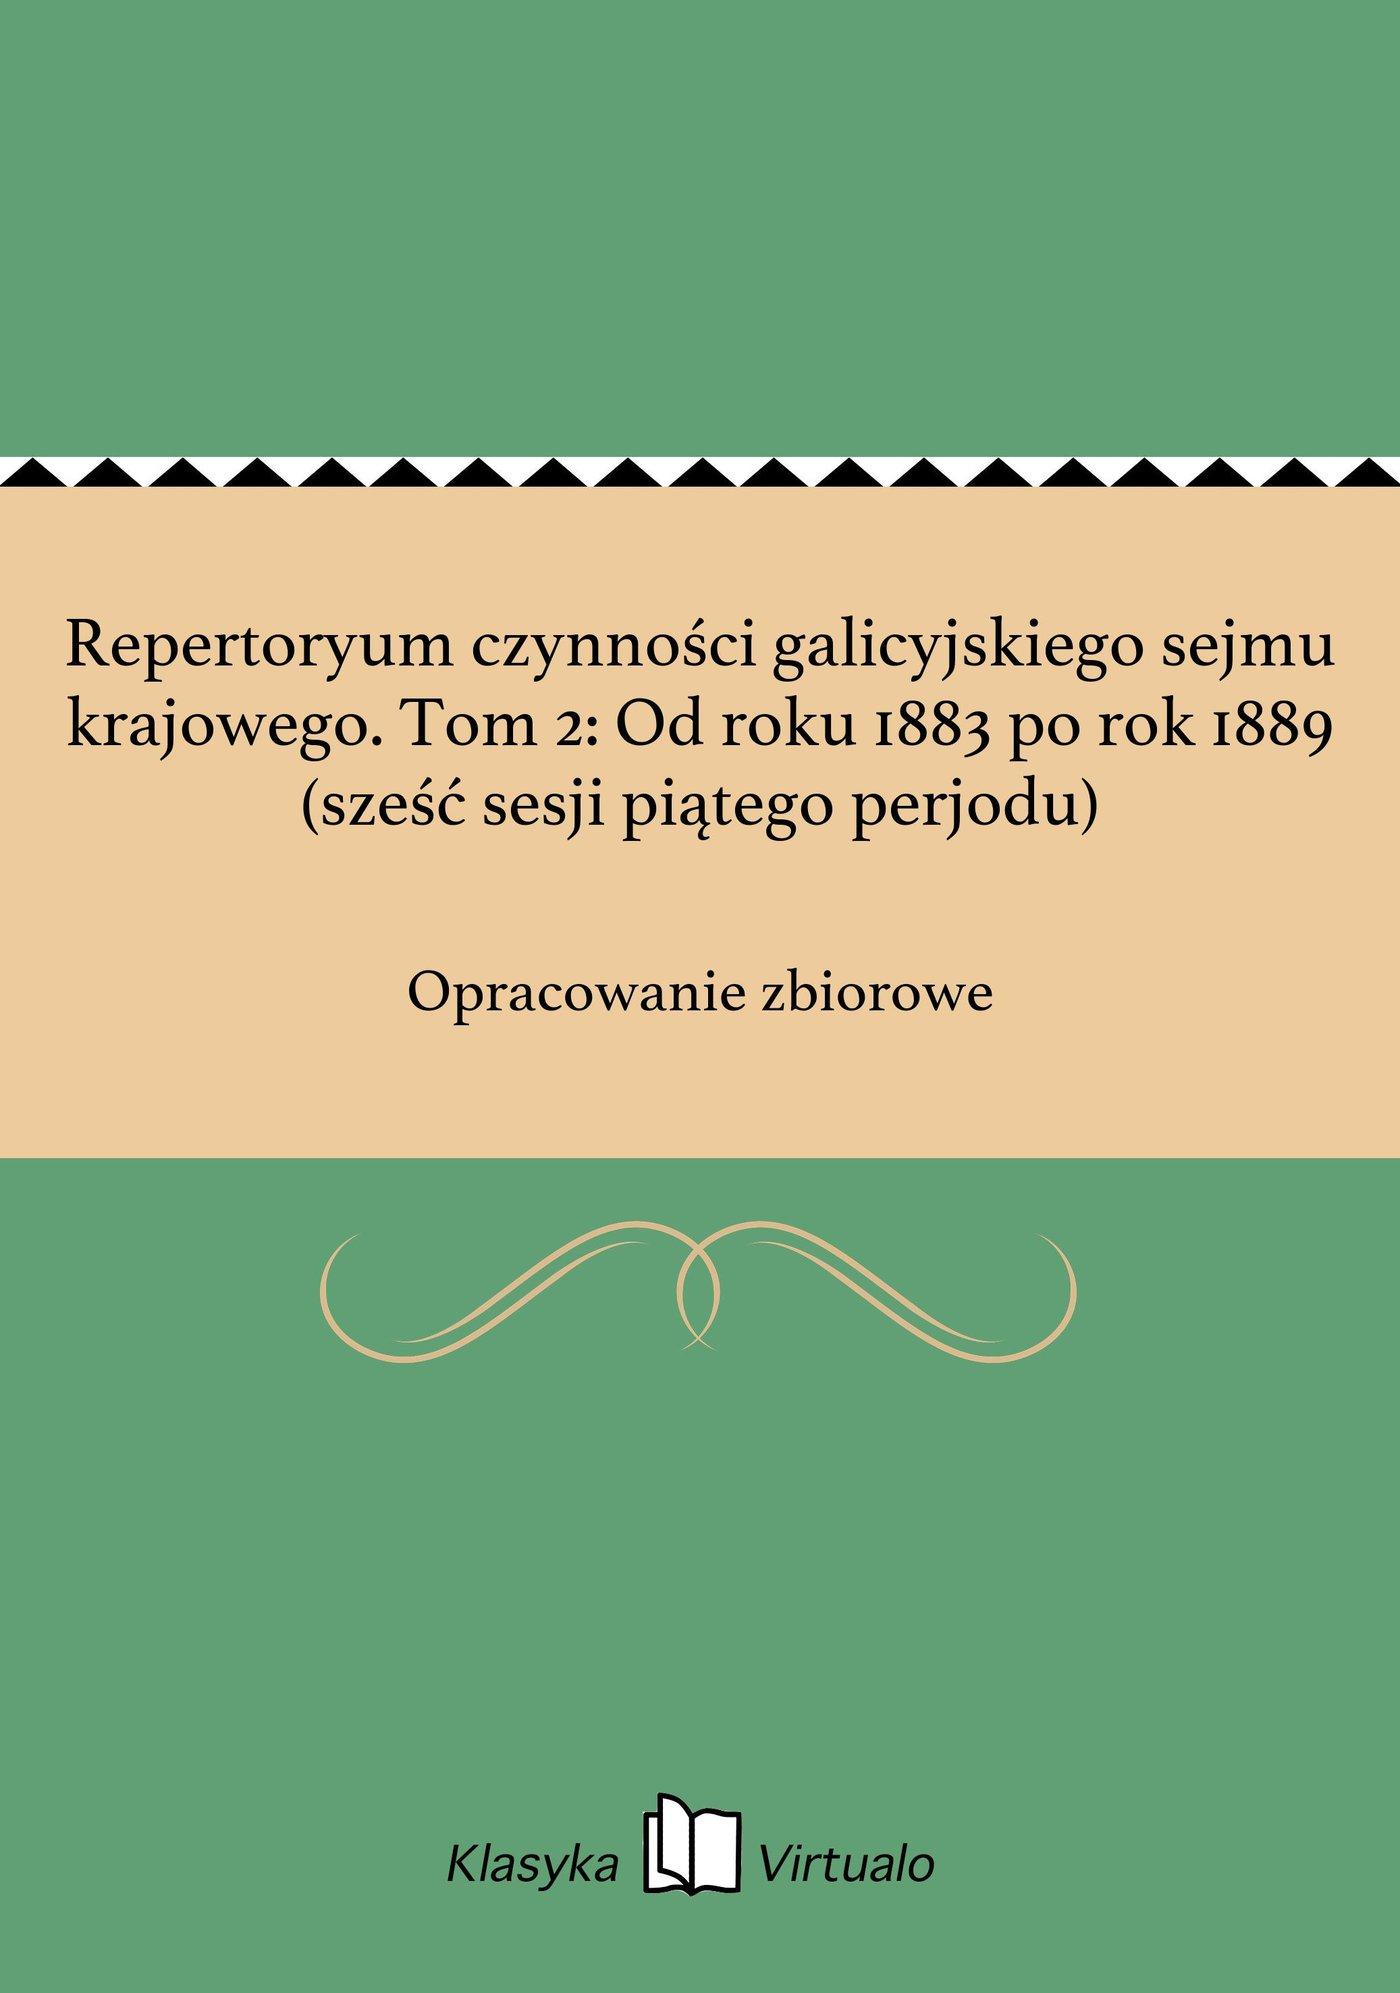 Repertoryum czynności galicyjskiego sejmu krajowego. Tom 2: Od roku 1883 po rok 1889 (sześć sesji piątego perjodu) - Ebook (Książka na Kindle) do pobrania w formacie MOBI